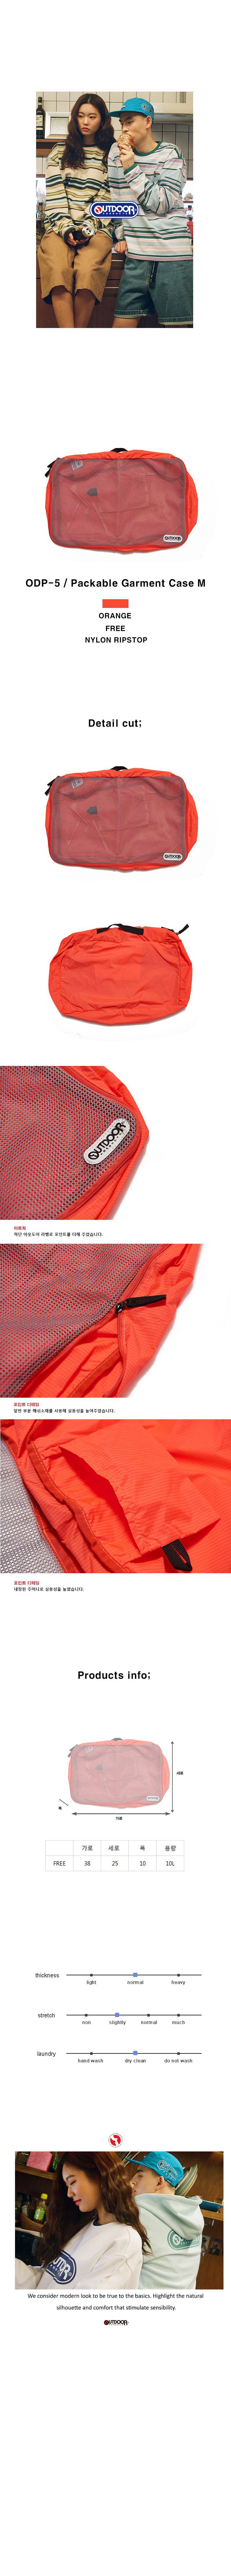 아웃도어 프로덕츠(OUTDOOR PRODUCTS) ODP-5 / Packable Garment Case M 19SP